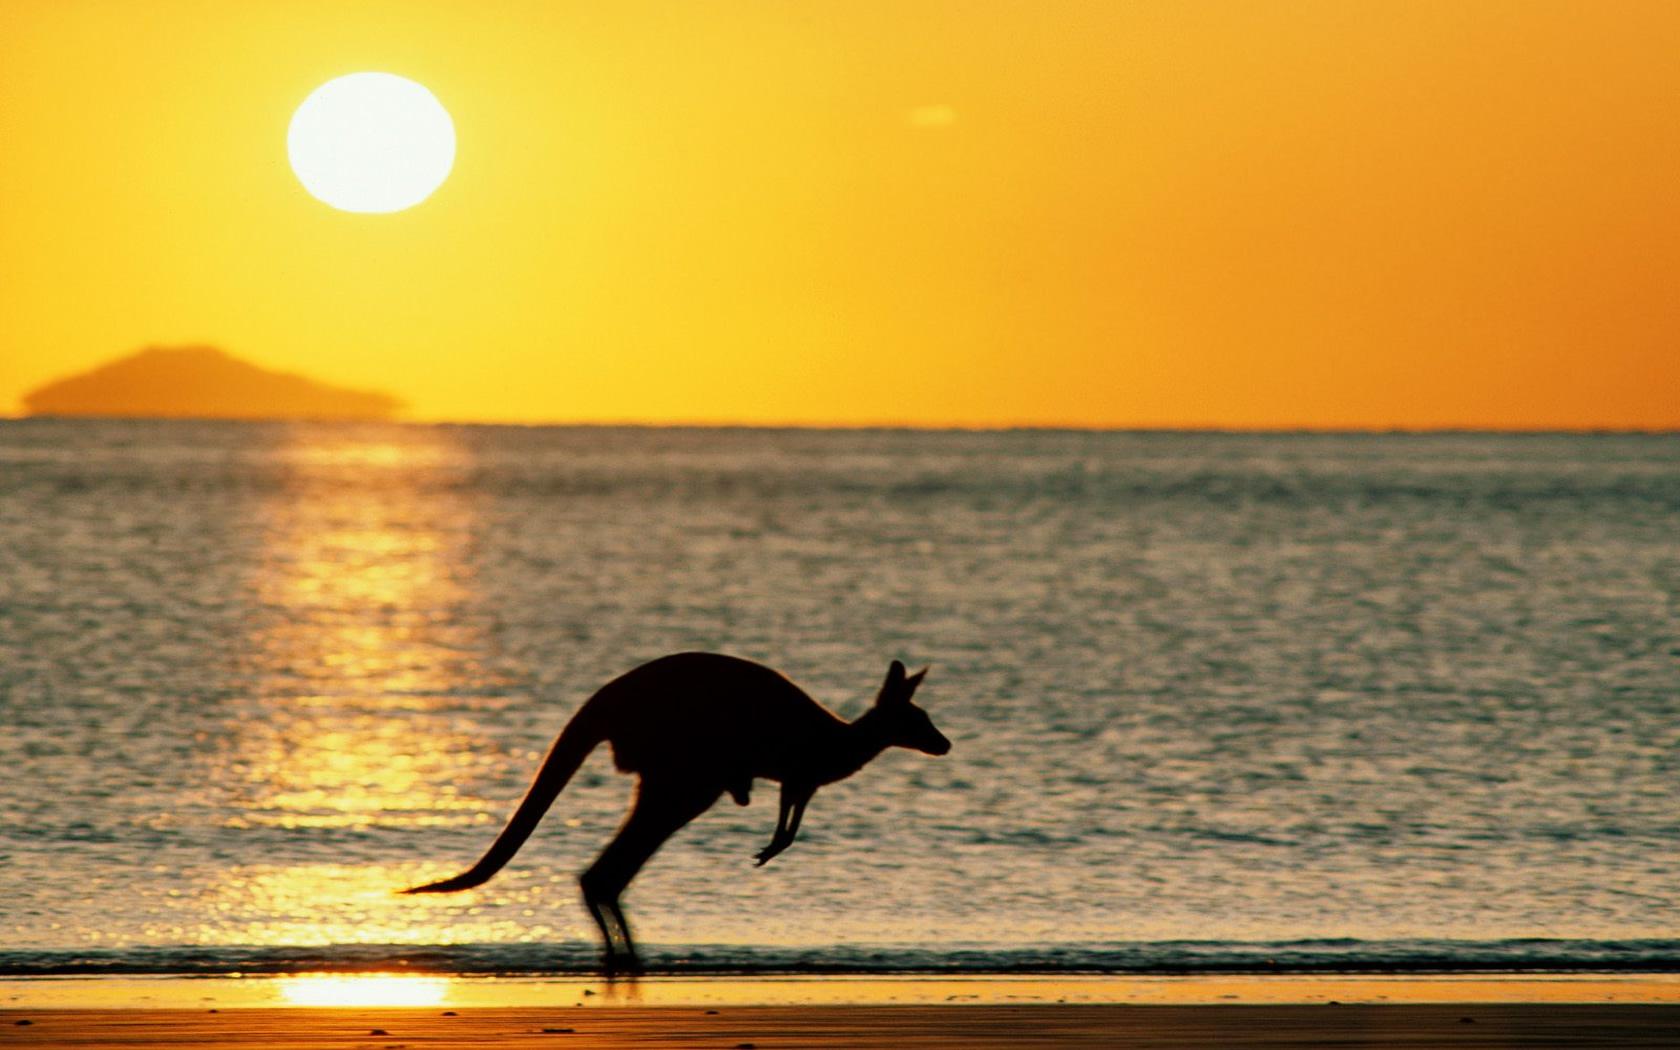 Canguro saltando en la playa - 1680x1050